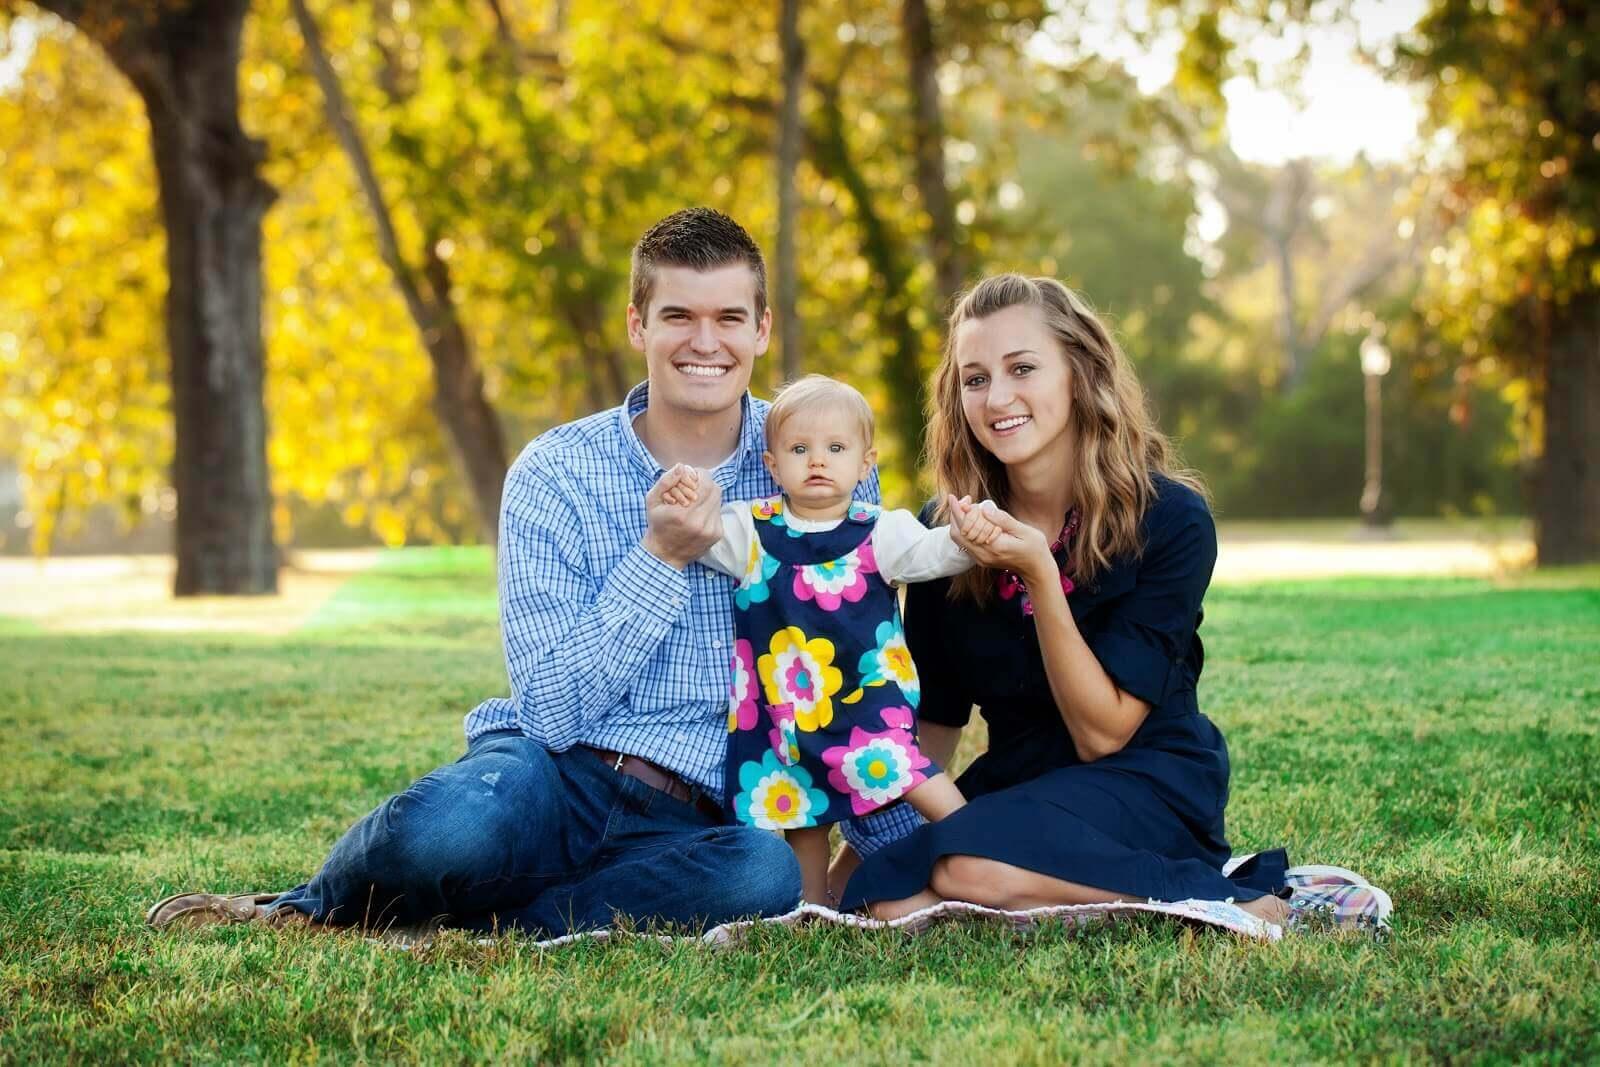 Avoir un enfant unique est une expérience familiale aussi enrichissante que le fait d'avoir plusieurs enfants